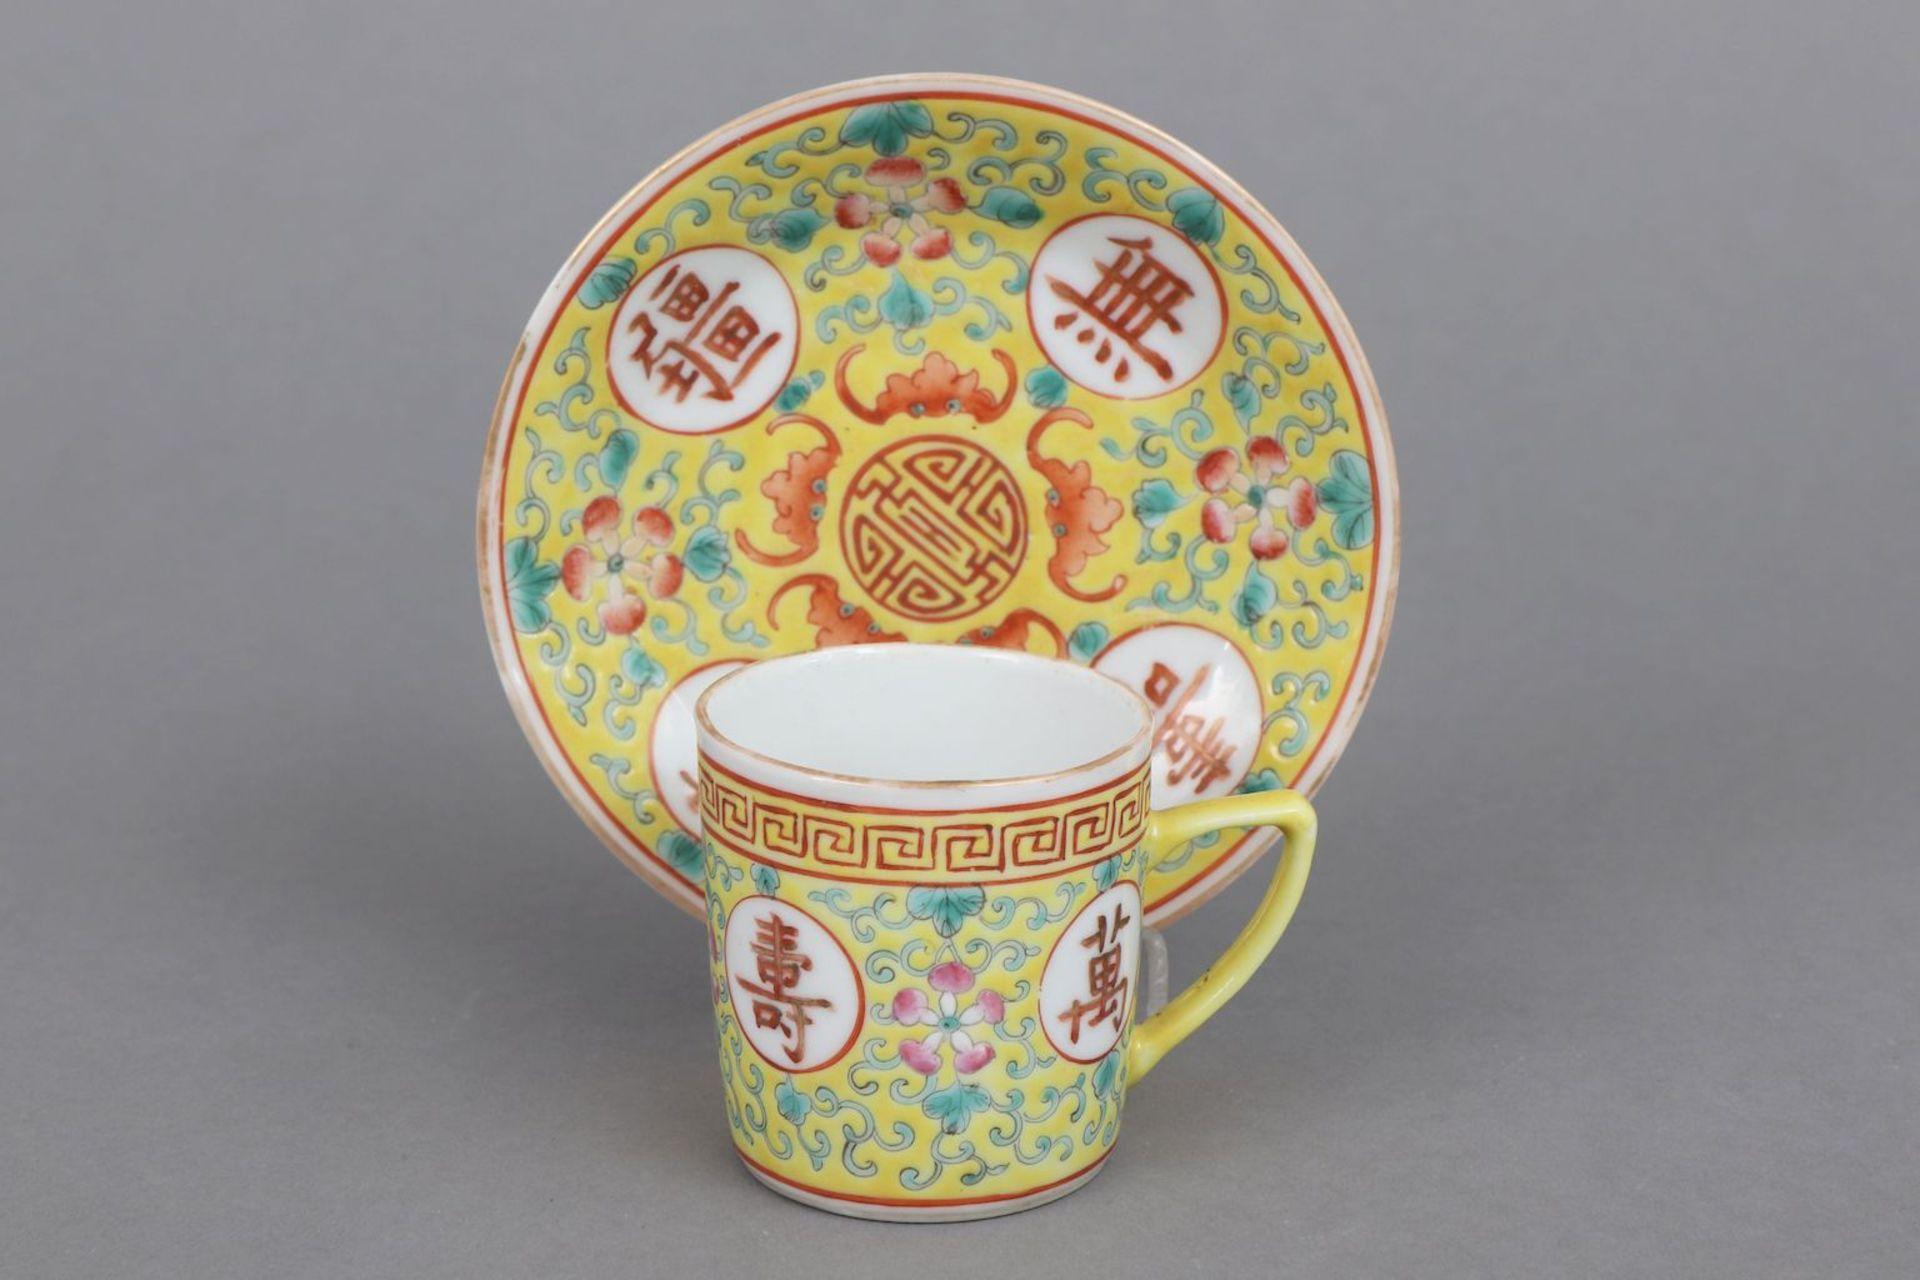 6 chinesische Tassen mit Untertassen - Bild 2 aus 6